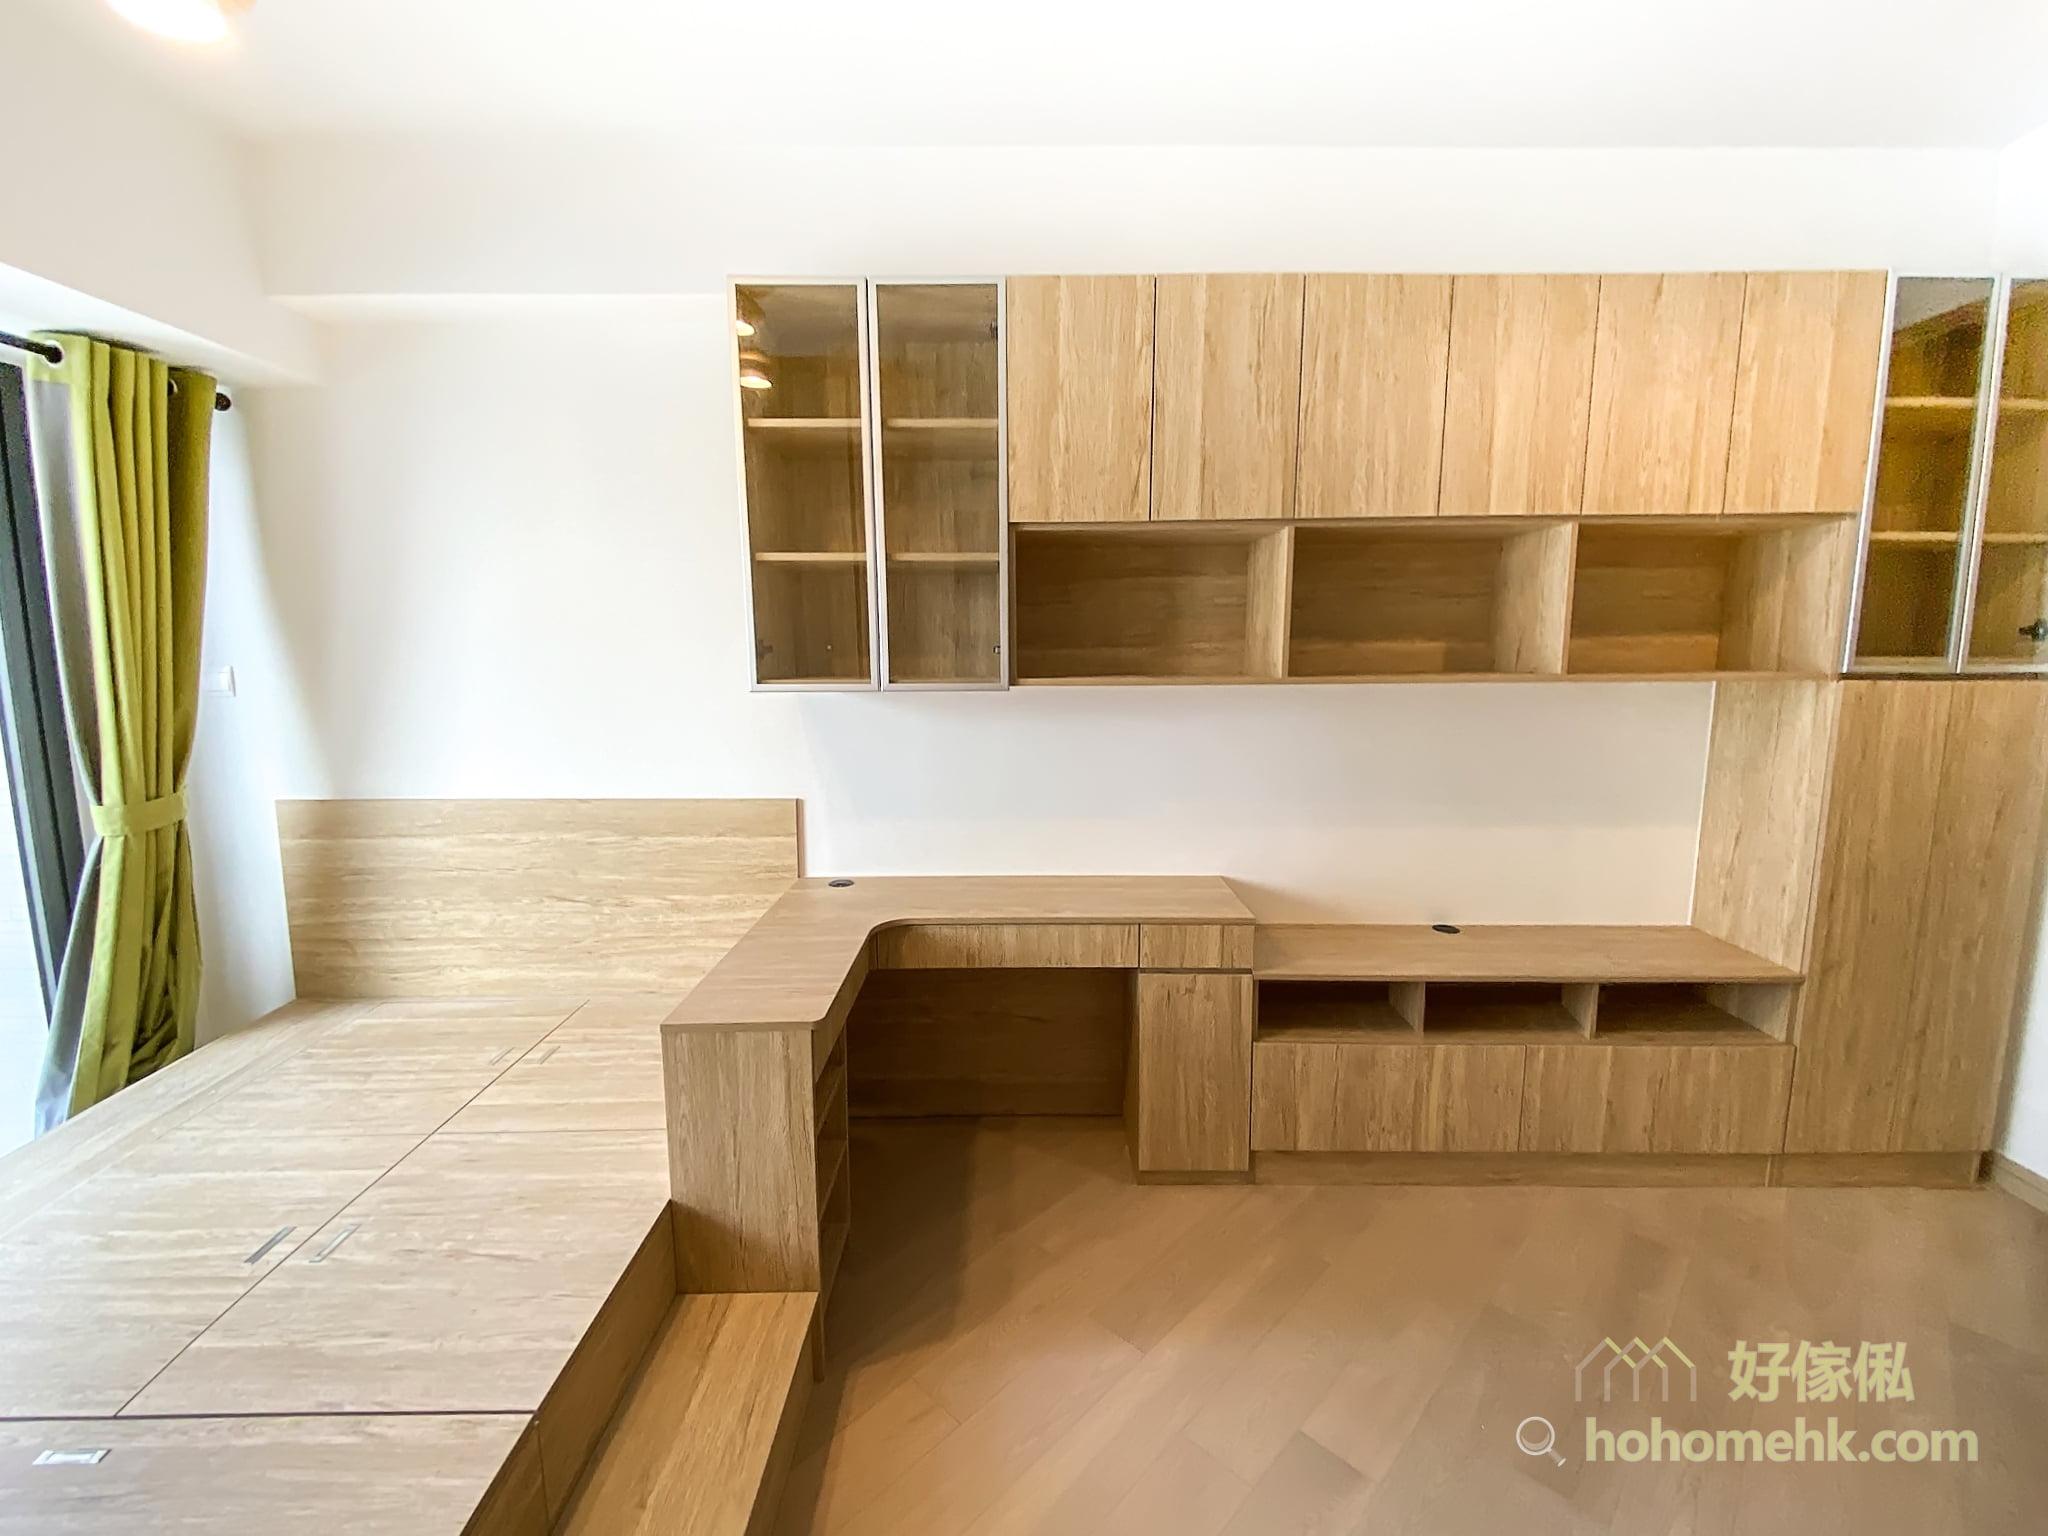 溫馨舒適的開放式客廳兼睡房